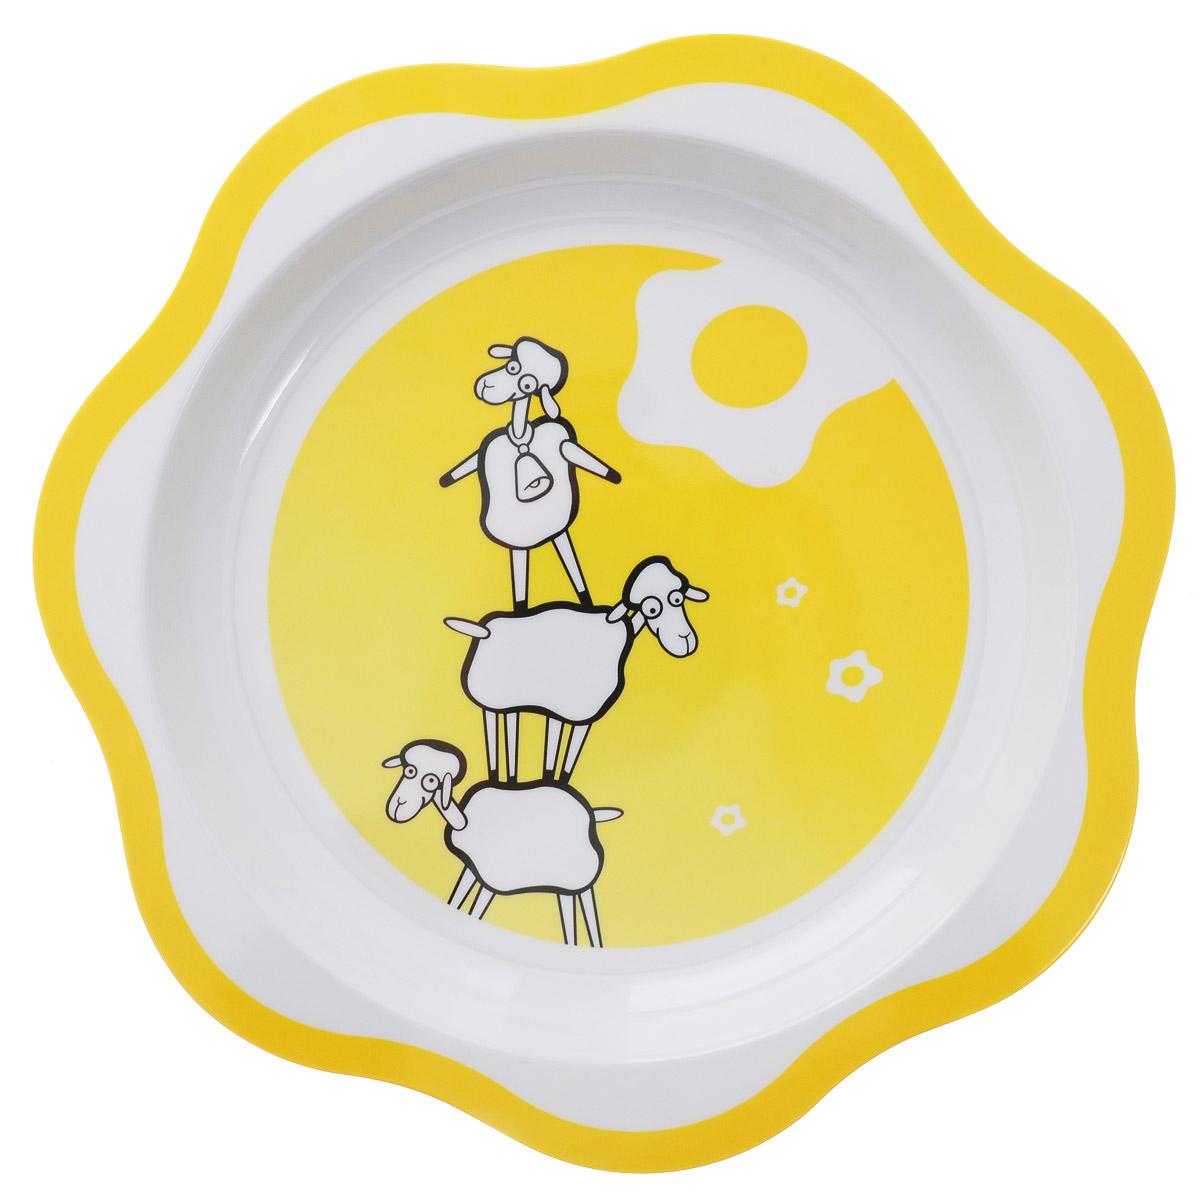 Tescoma Тарелка детская Овечка668027Детская тарелка Tescoma Овечка изготовлена из безопасного пластика. Тарелочка, оформленная веселыми картинками забавных овечек, понравится и малышу, и родителям! Ребенок будет с удовольствием учиться кушать самостоятельно. Тарелочка подходит для горячей и холодной пищи. Можно использовать в посудомоечной машине. Нельзя использовать в микроволновой печи.